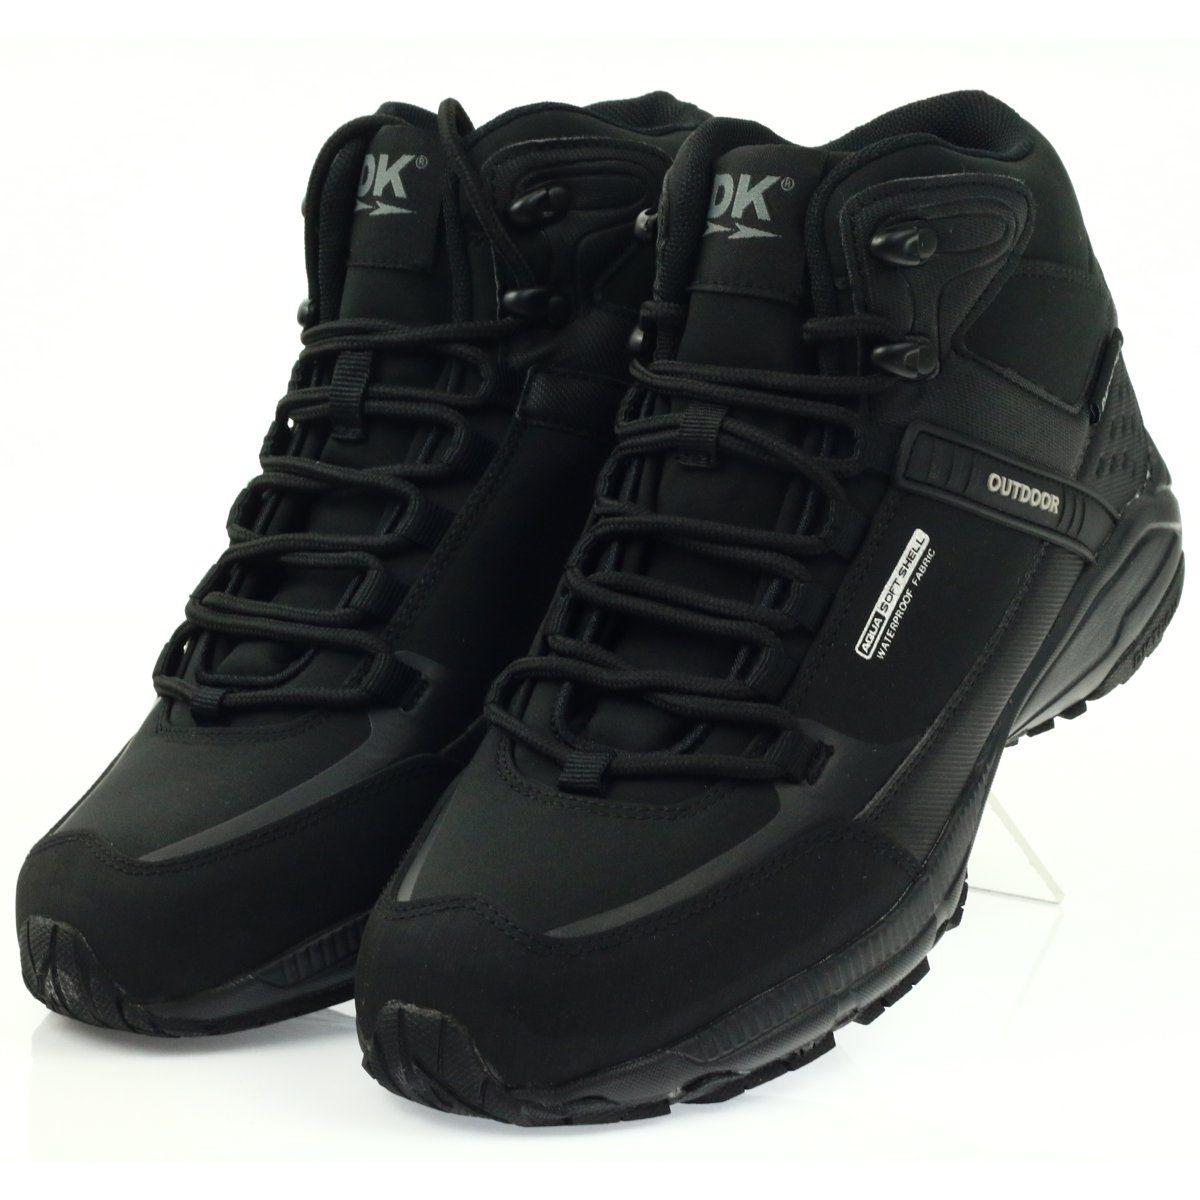 Trekkingowe Damskie Dk Buty Trekkingowe Softshell Dk 1751 Czarne Dc Sneaker Sneakers Shoes